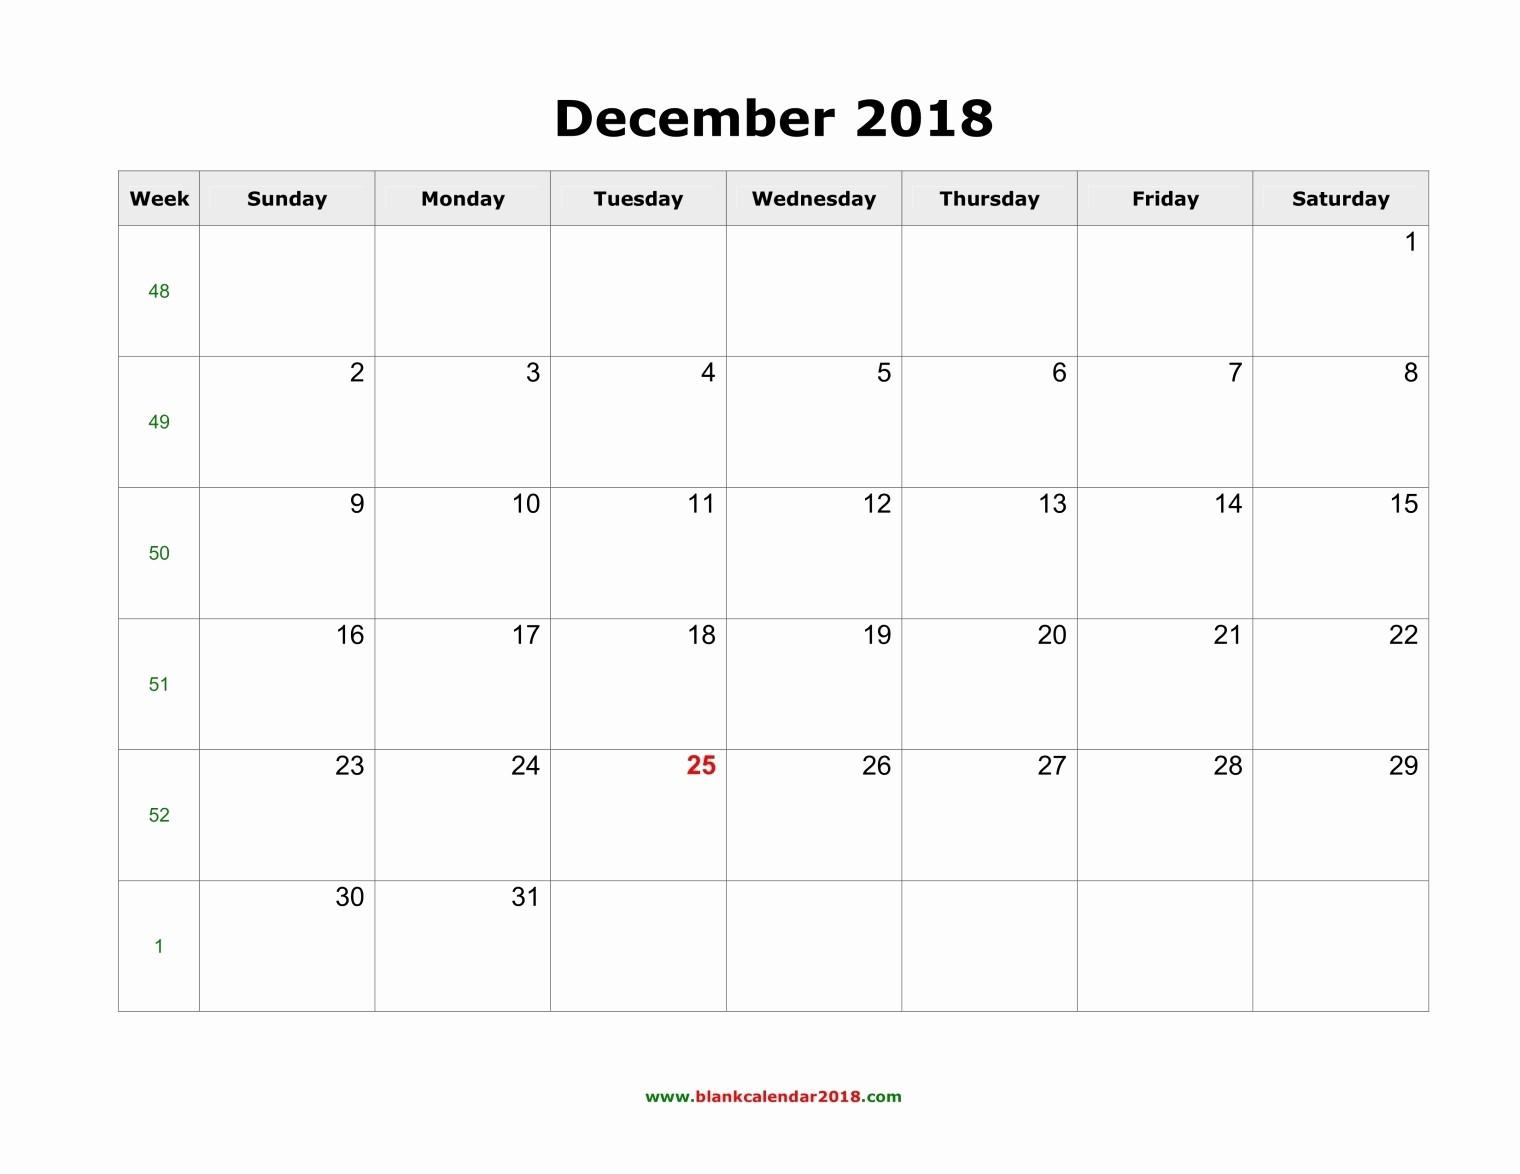 December 2017 Calendar Template Word Beautiful December 2018 Calendar Word